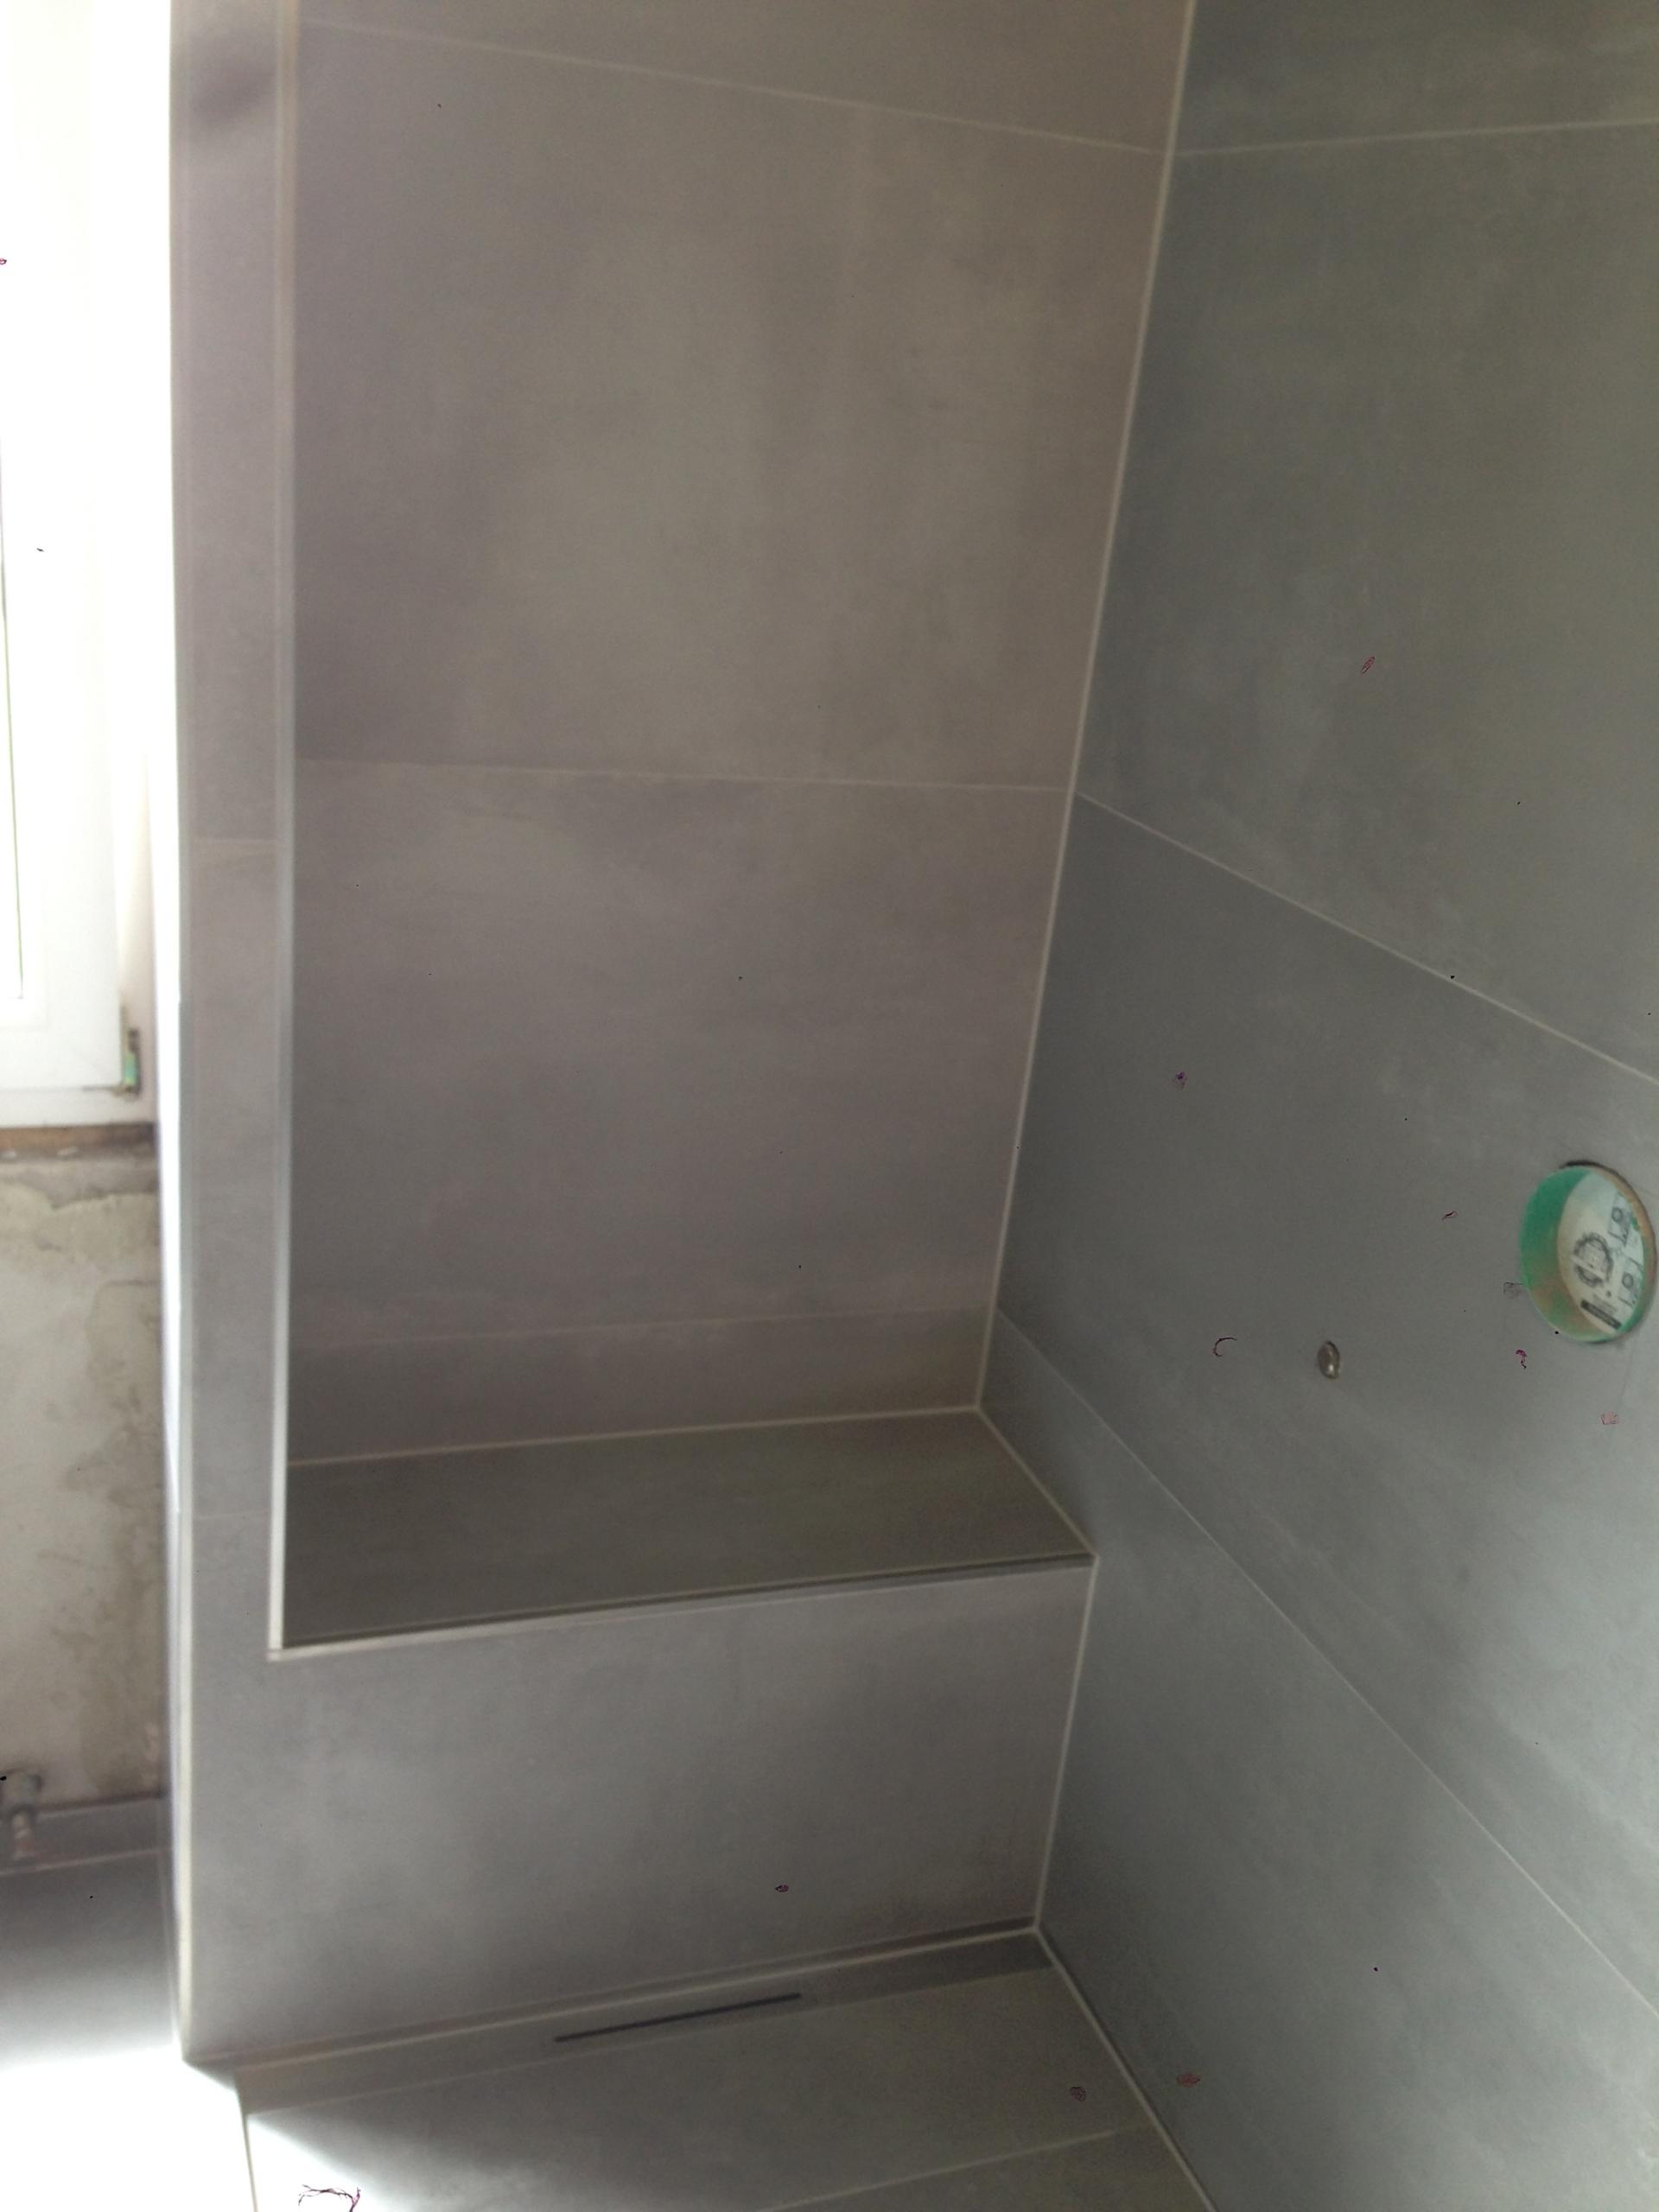 Duschsitzbank-2-Reifenberg-2018-Trier-scaled